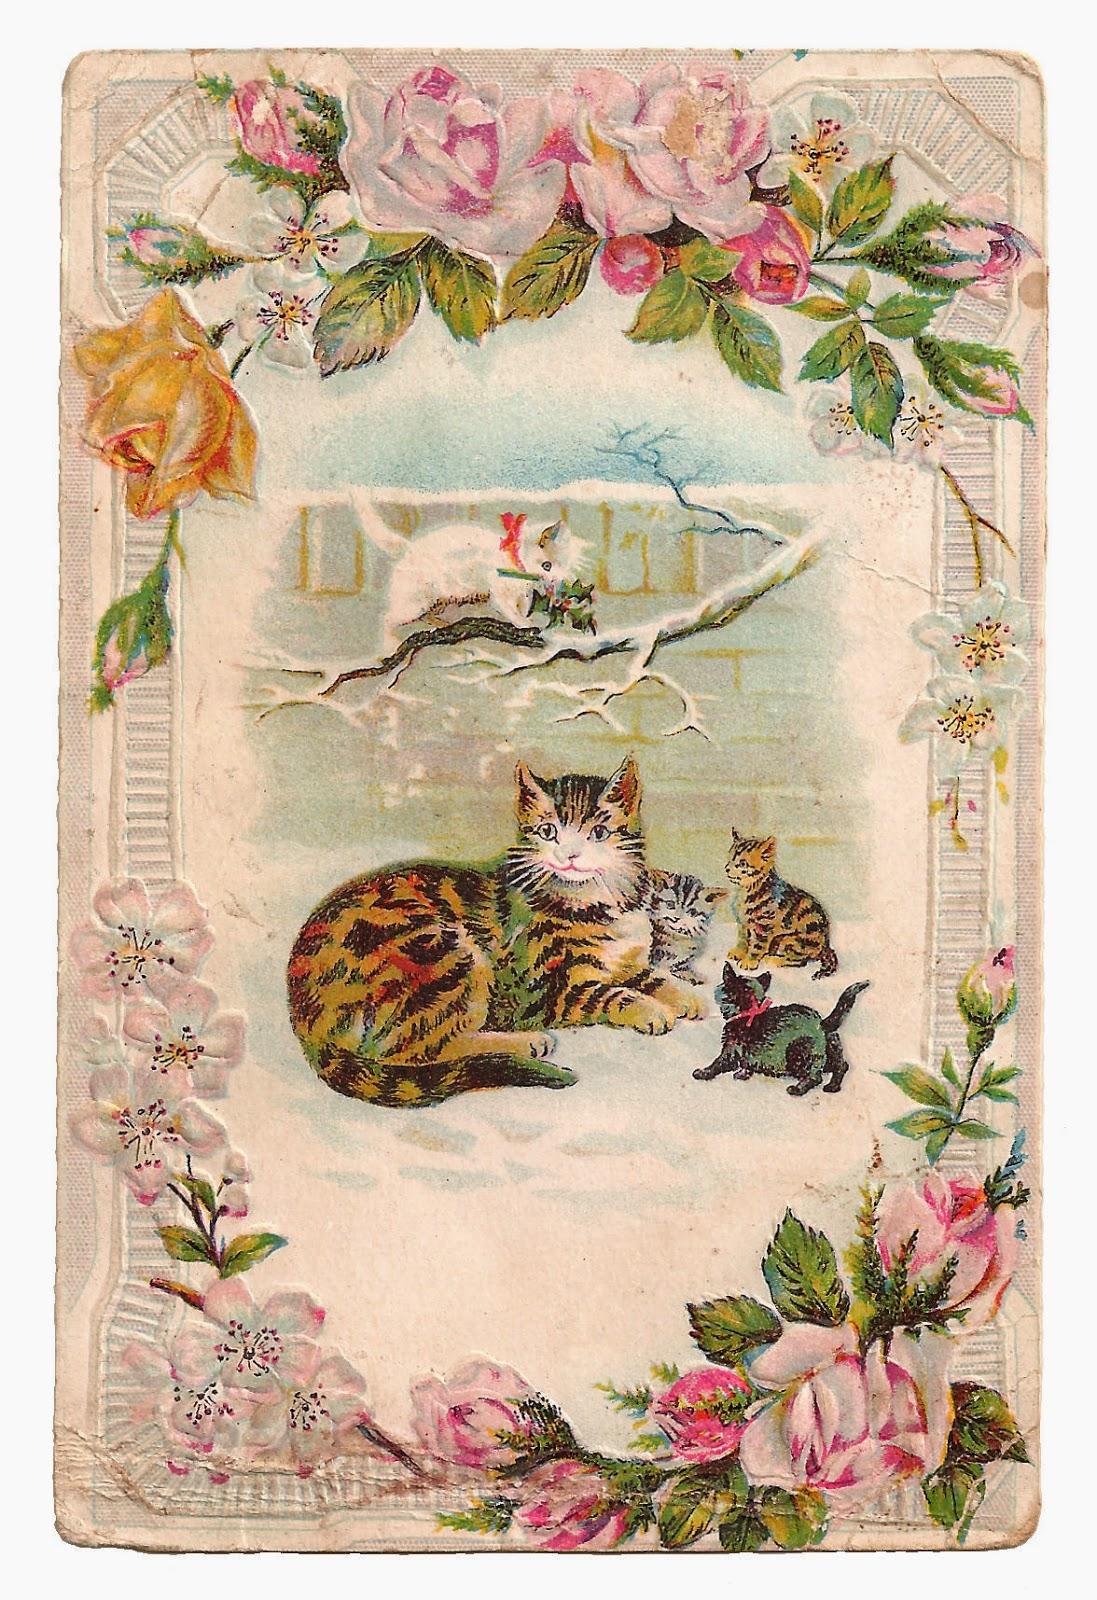 http://4.bp.blogspot.com/-gU-369MaPwg/VOjyaBLQfLI/AAAAAAAAVjk/-PSS67wlVfI/s1600/cat_kittens_rose_garden_pc1.jpg